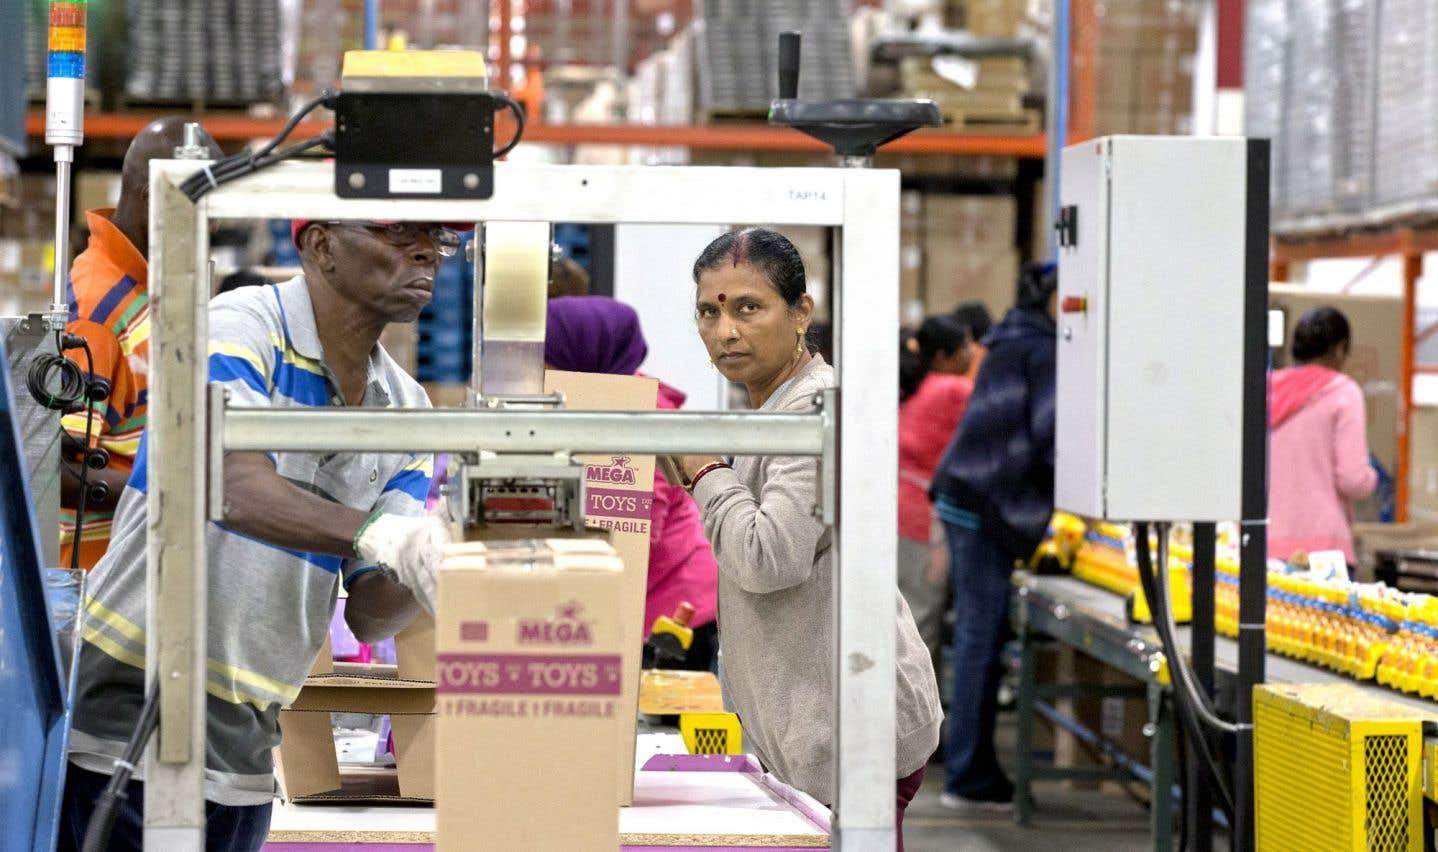 Vers un abaissement des barrières à l'emploi